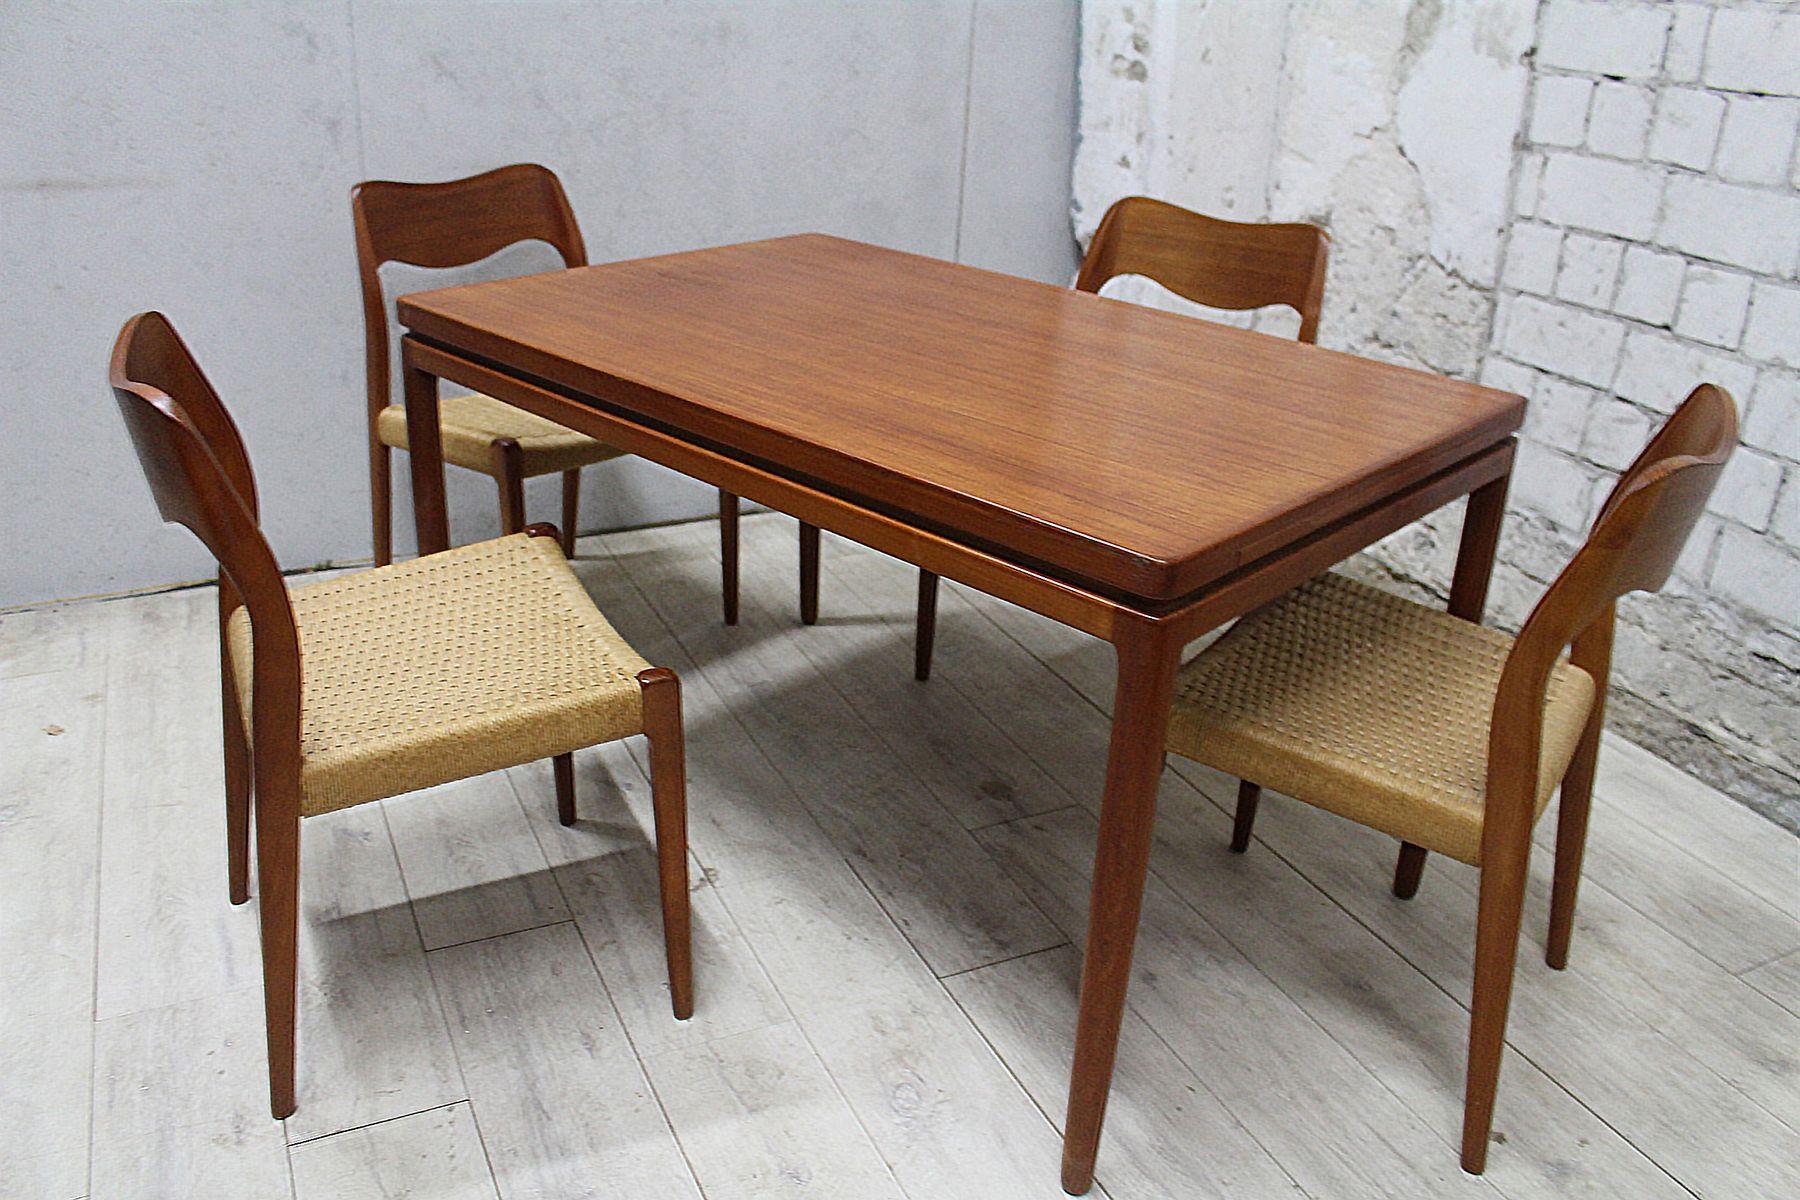 Table Pour Salle À Manger chaises avec table de salle à manger no. 71 par n.o. møller pour j.l.  møllers, set de 4